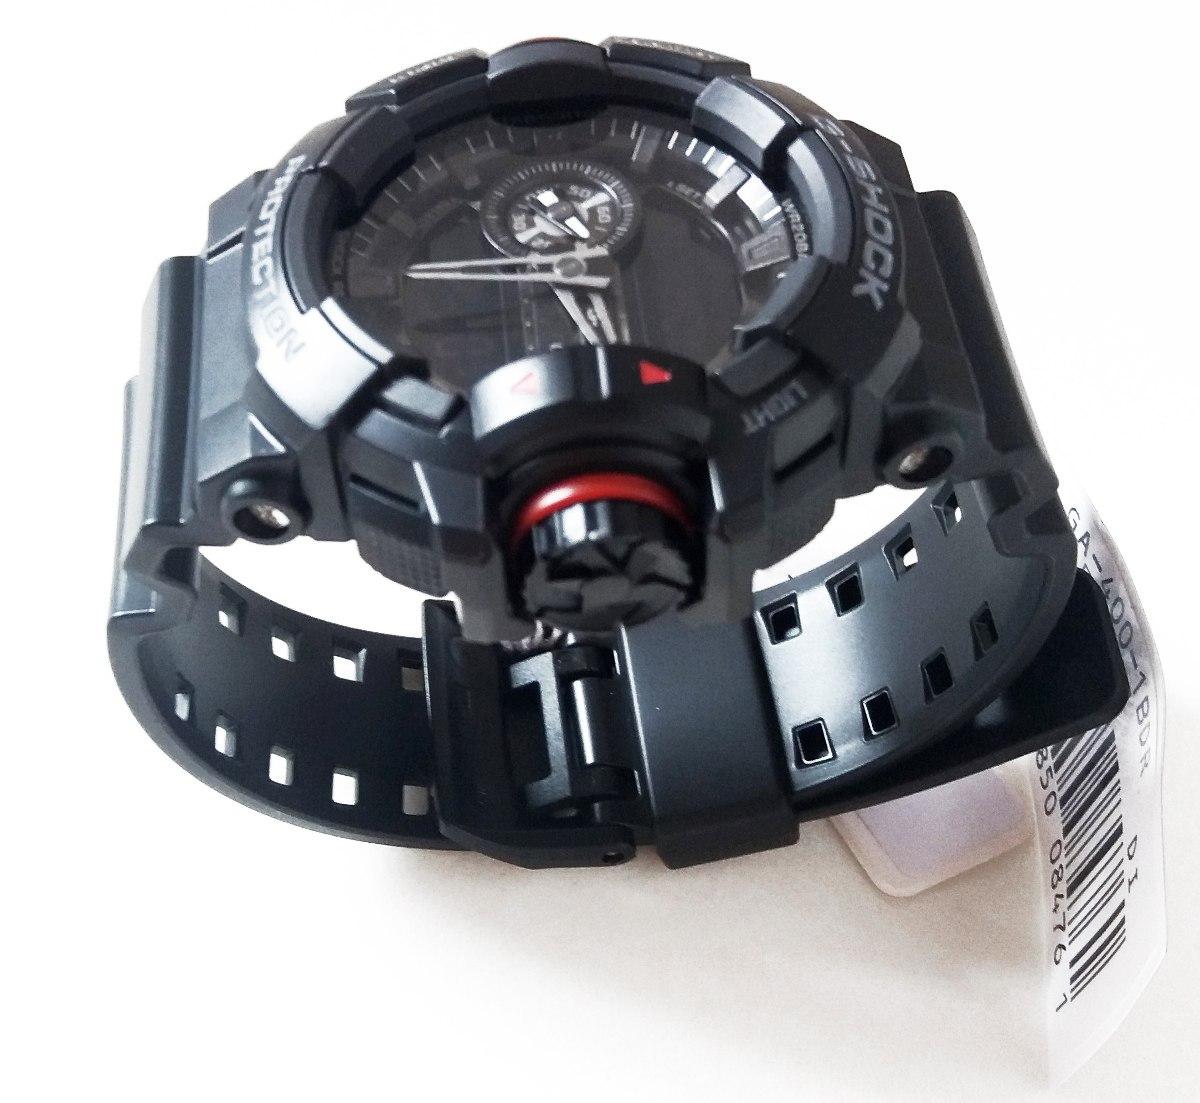 31584628f89 relógio g-shock ga-400 casio todo preto vidro mineral. Carregando zoom.